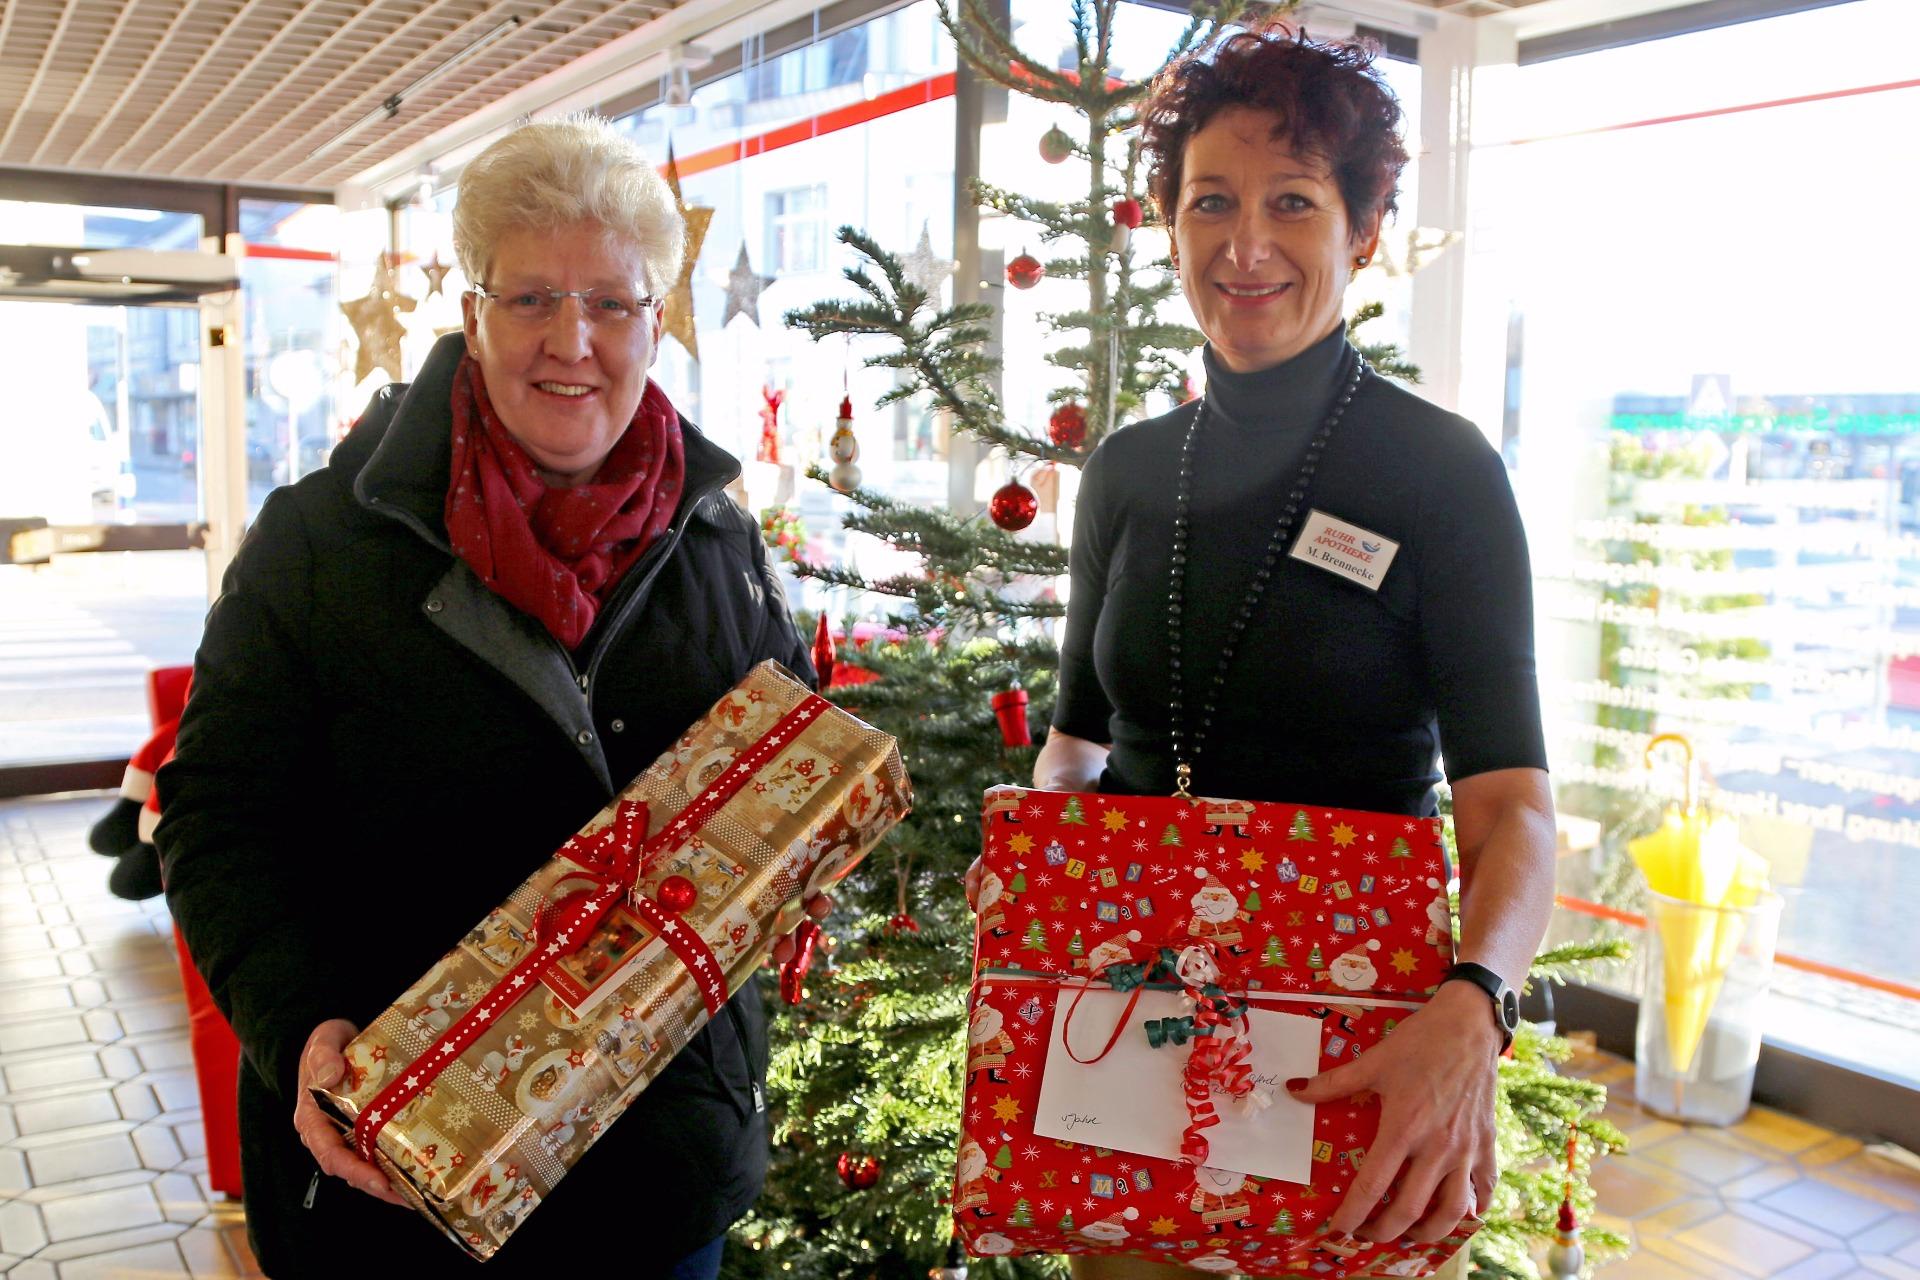 Weihnachtsgeschenke für Kinder aus bedürftigen Familien spenden ...